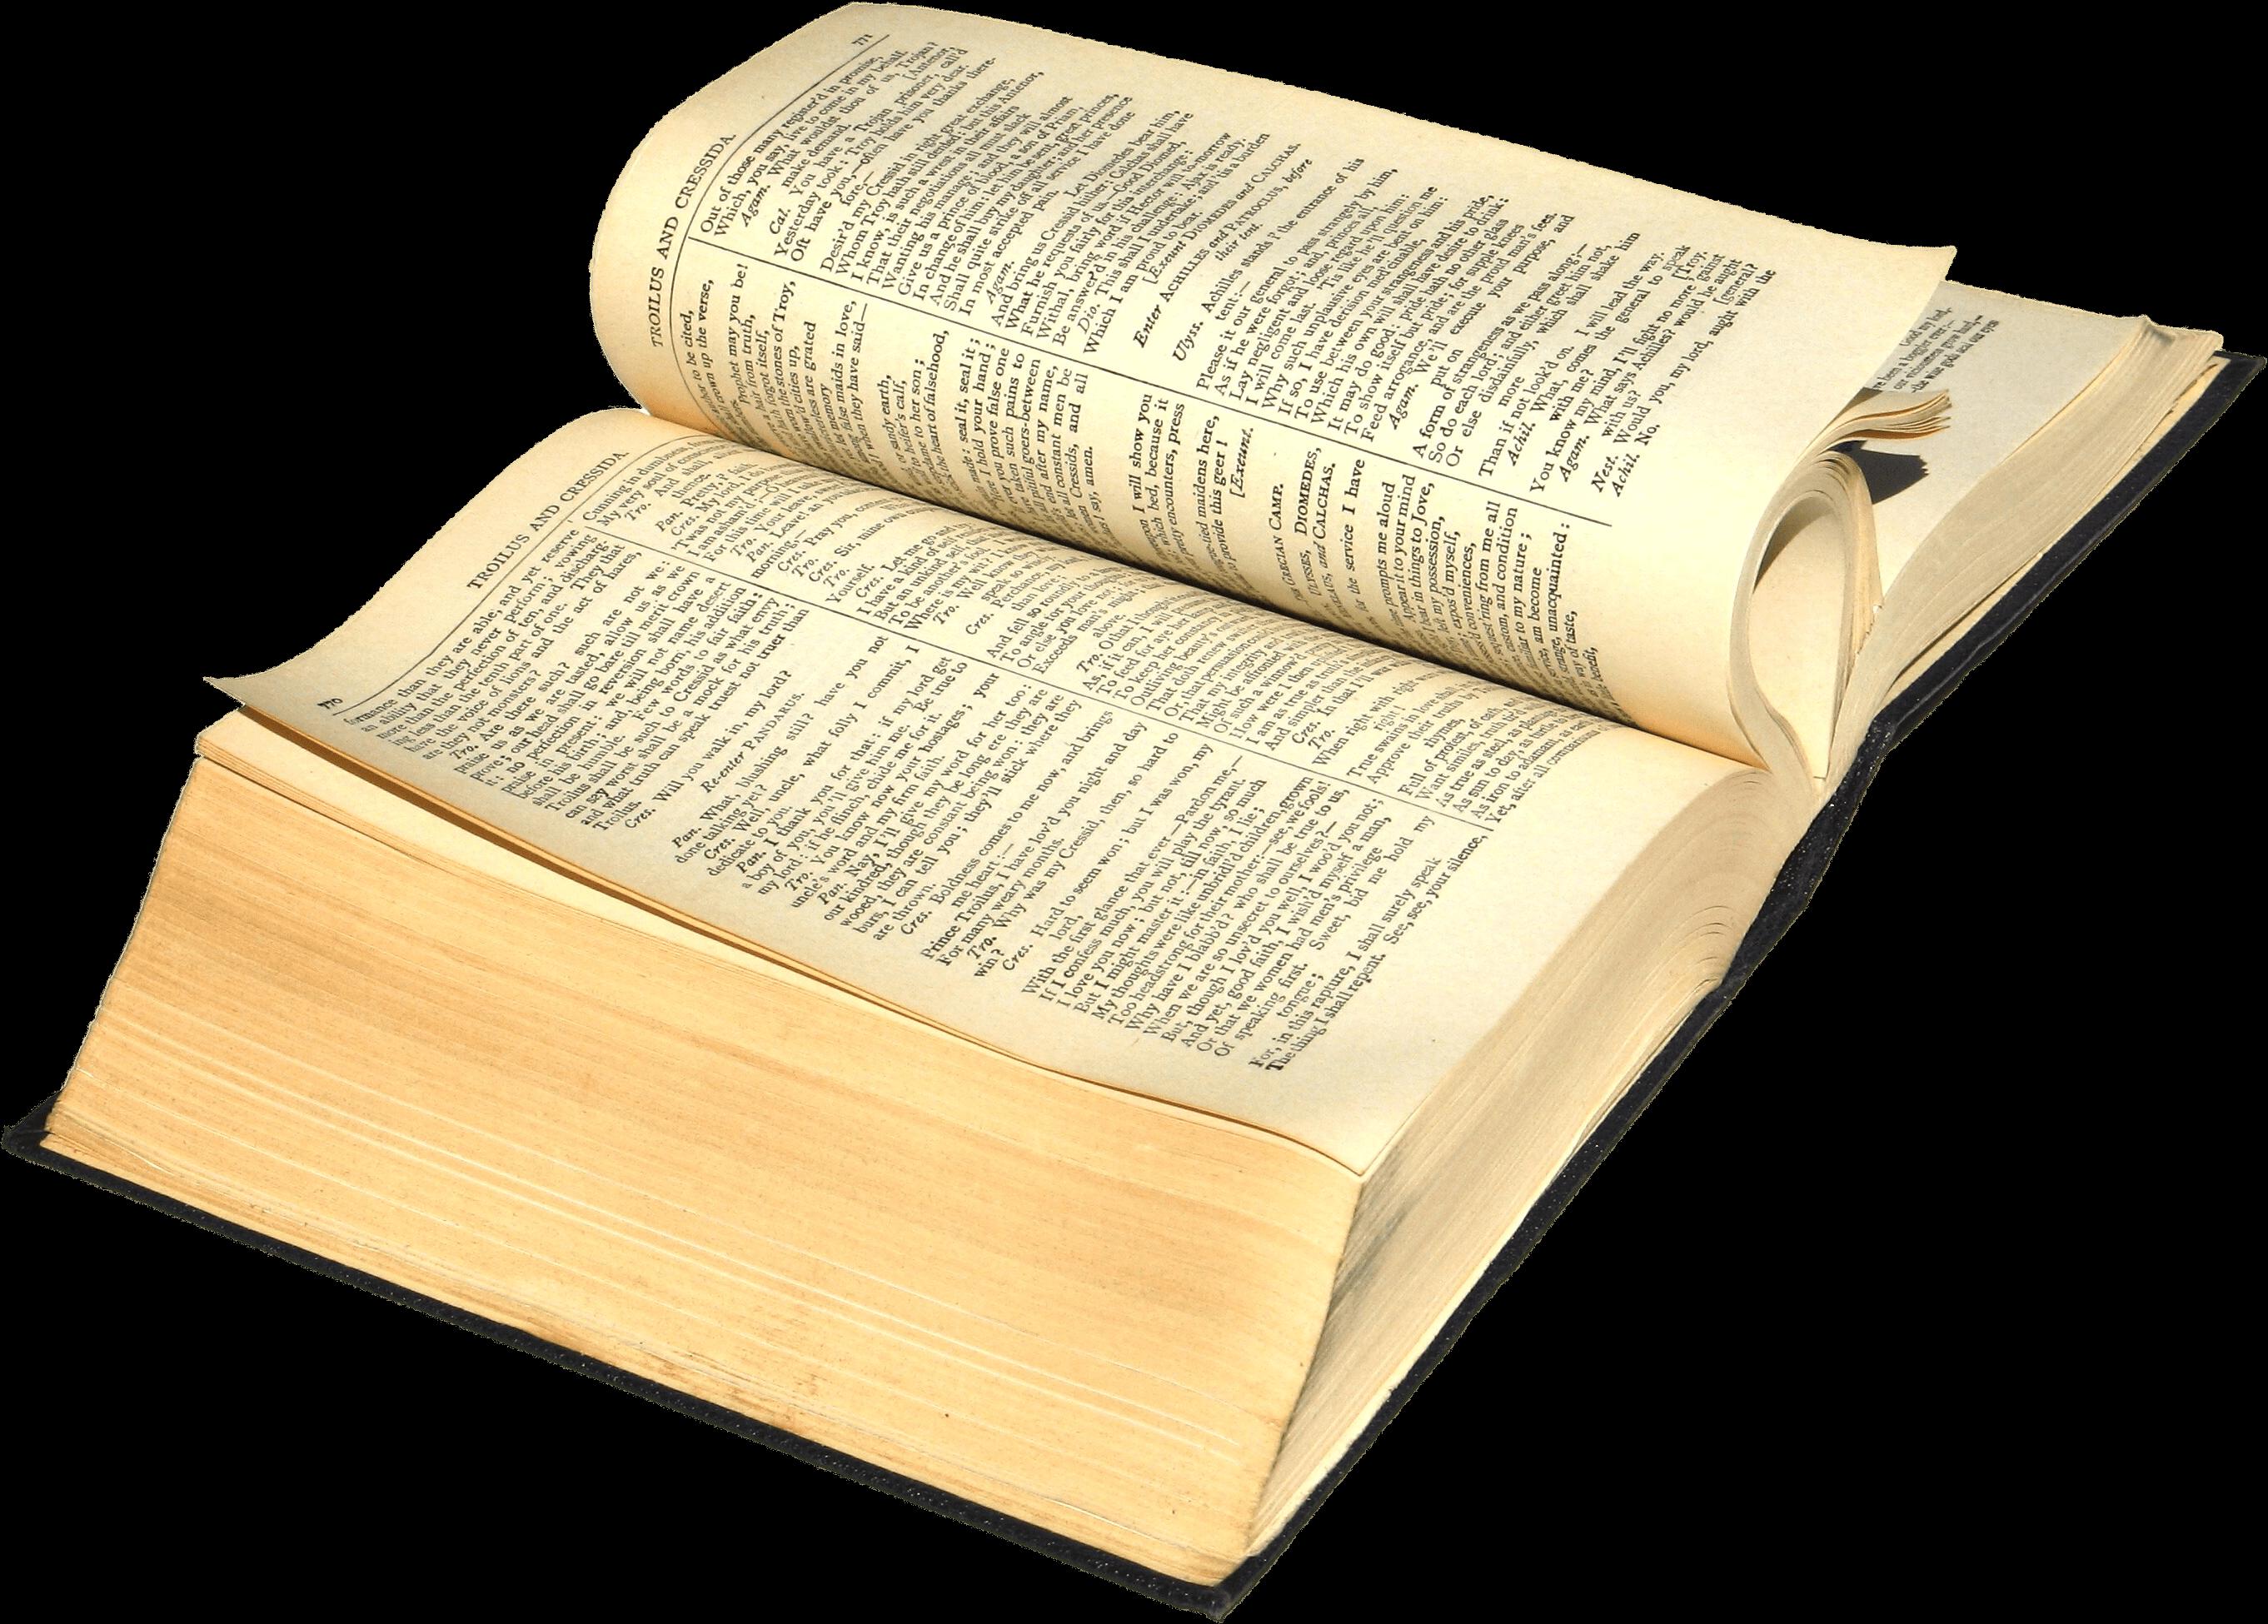 Ancien Livre Ouvert Png Transparents Stickpng